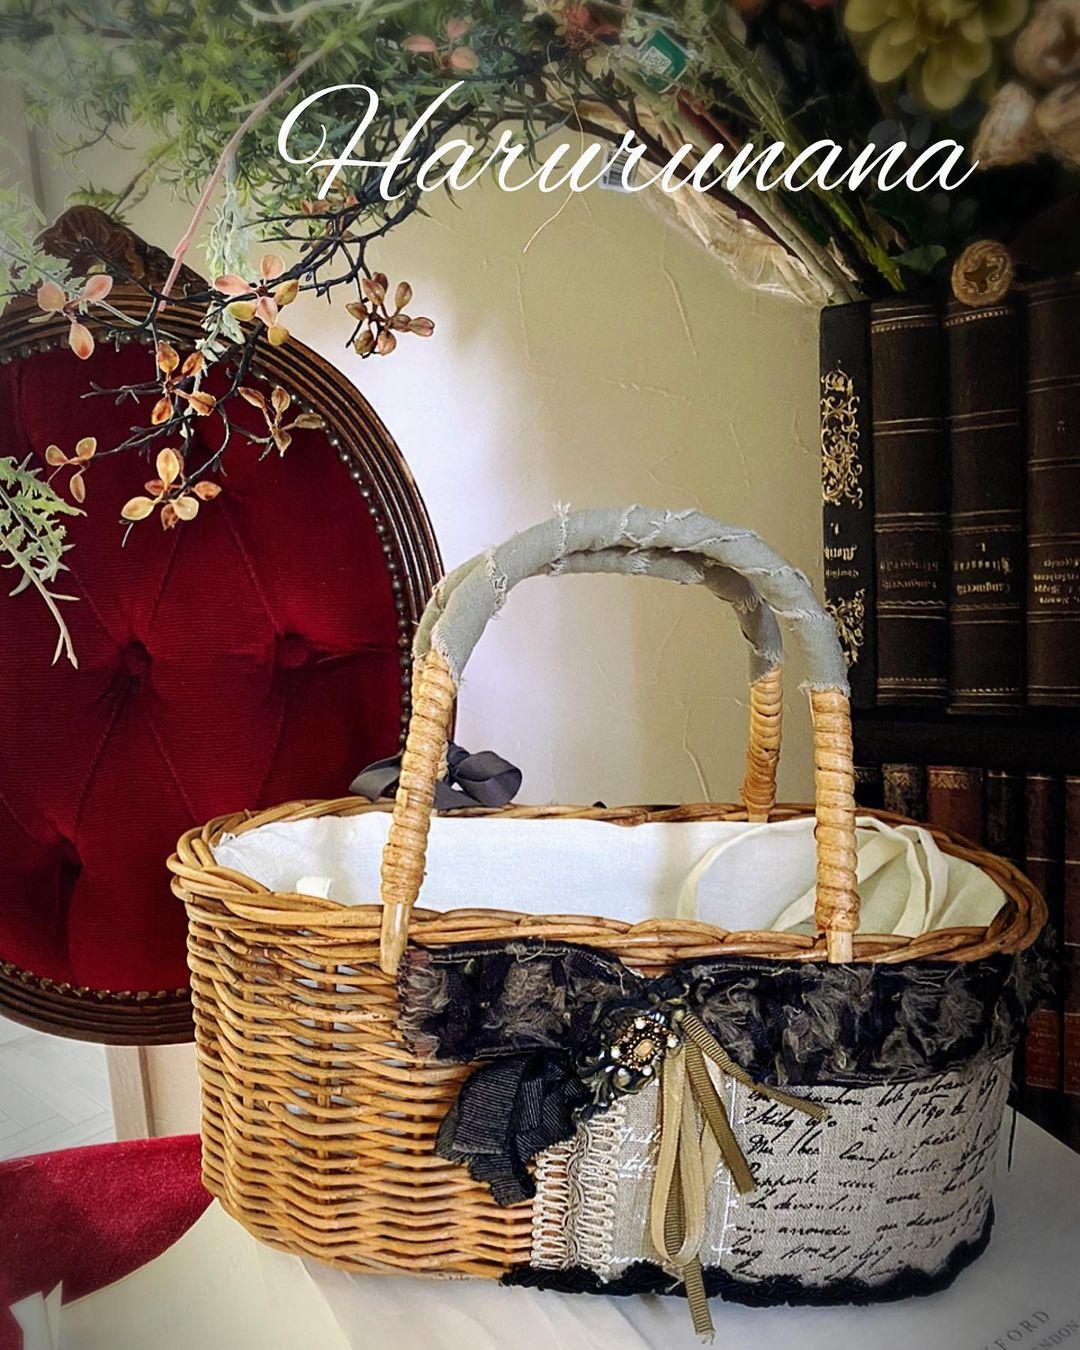 Haruruna'na